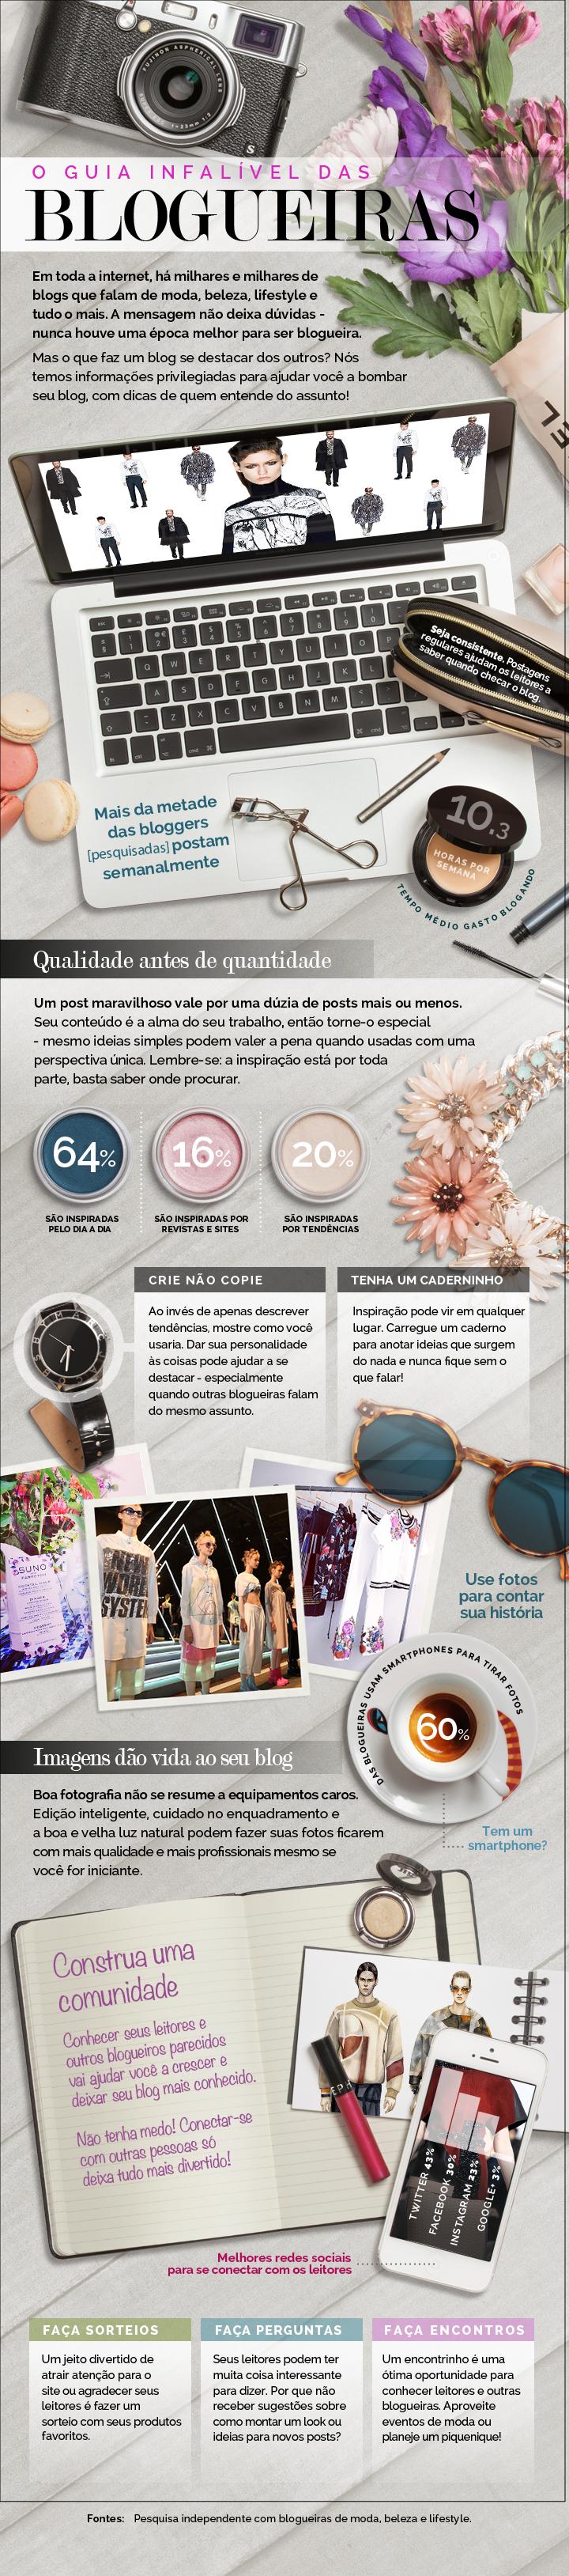 blog-de-sucesso-infografico blogueiras